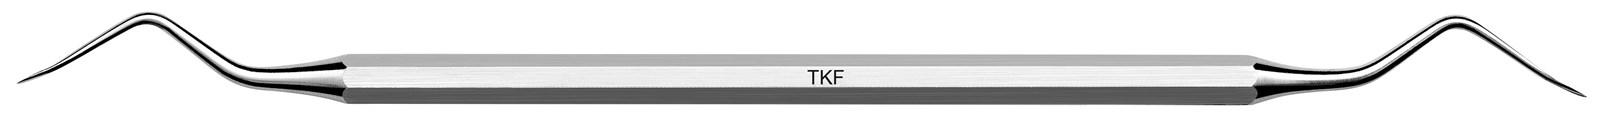 Nůž pro tunelovou techniku - TKF, ADEP růžový